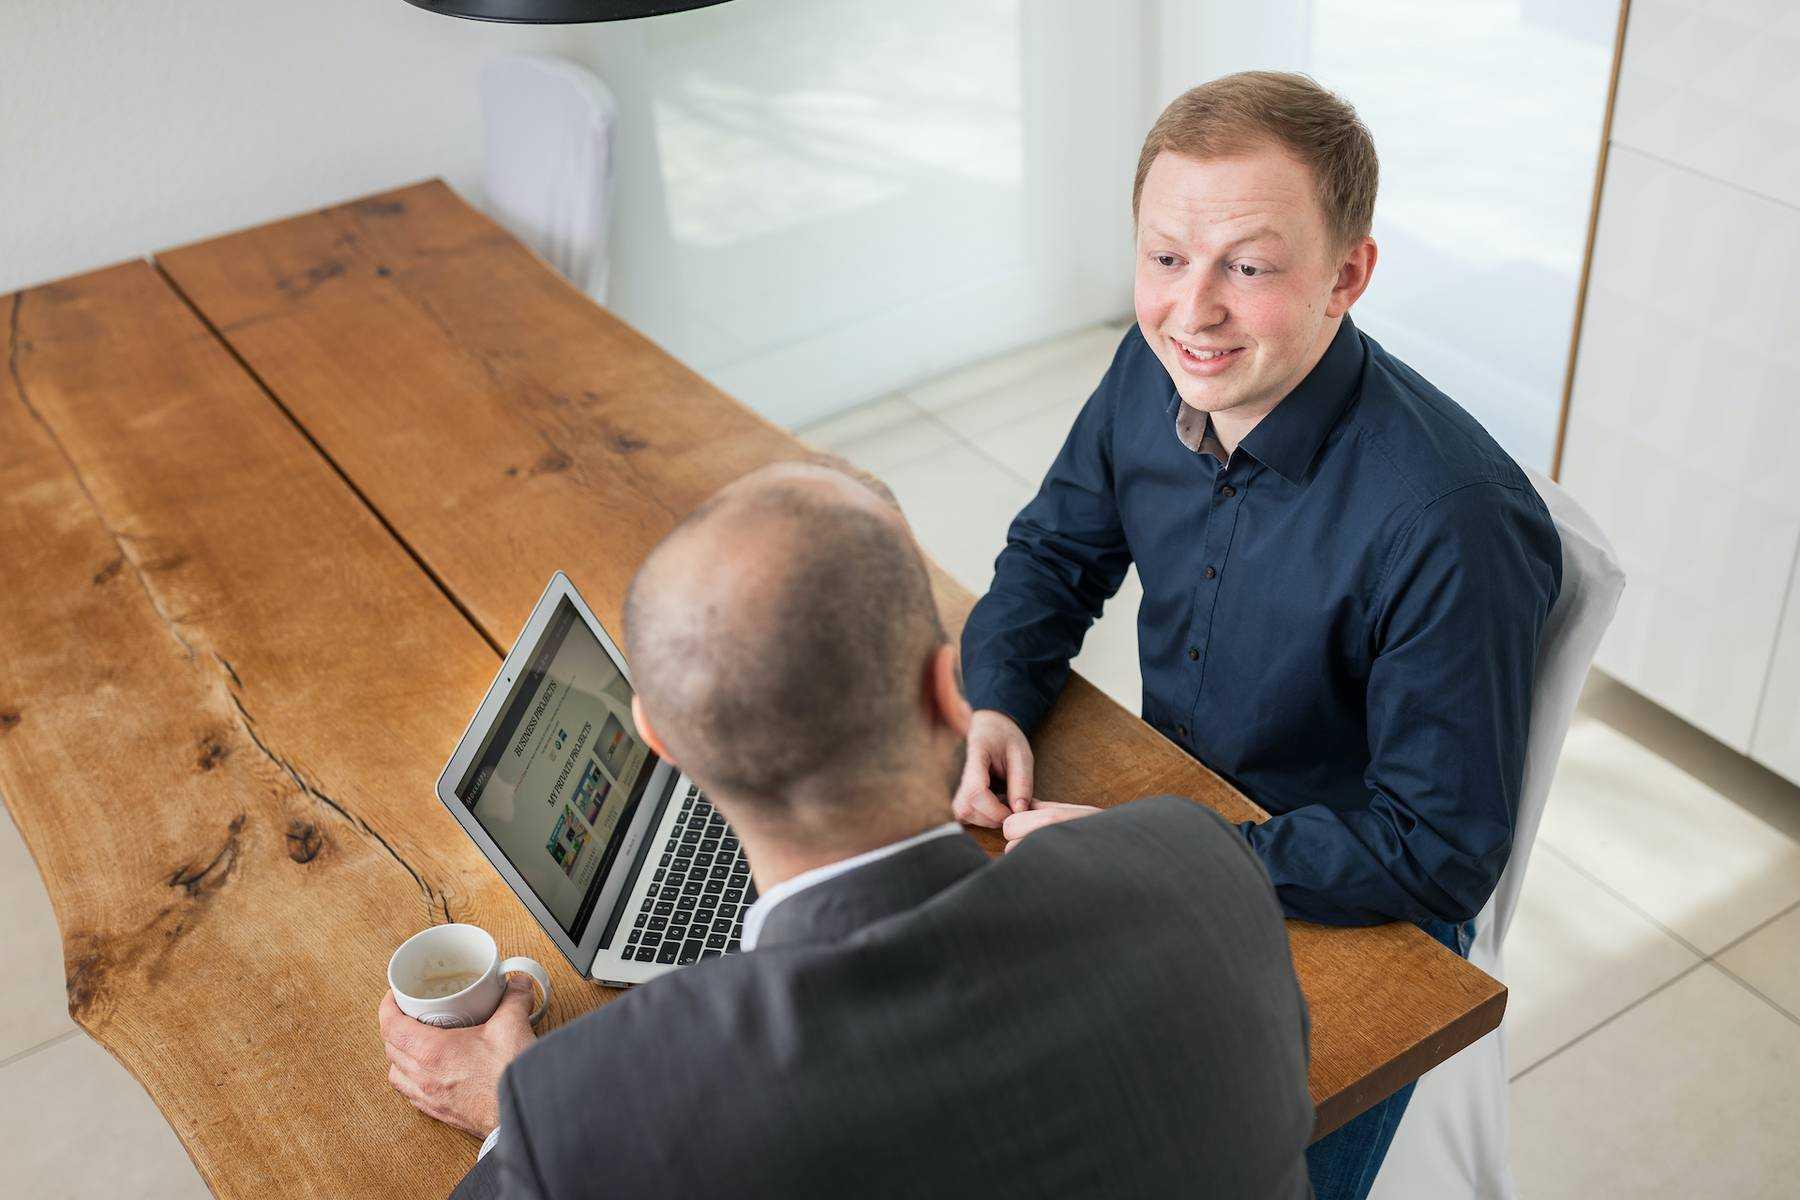 Mokkapps (Michael Hoffmann) - Senior Freelance Fullstack Developer